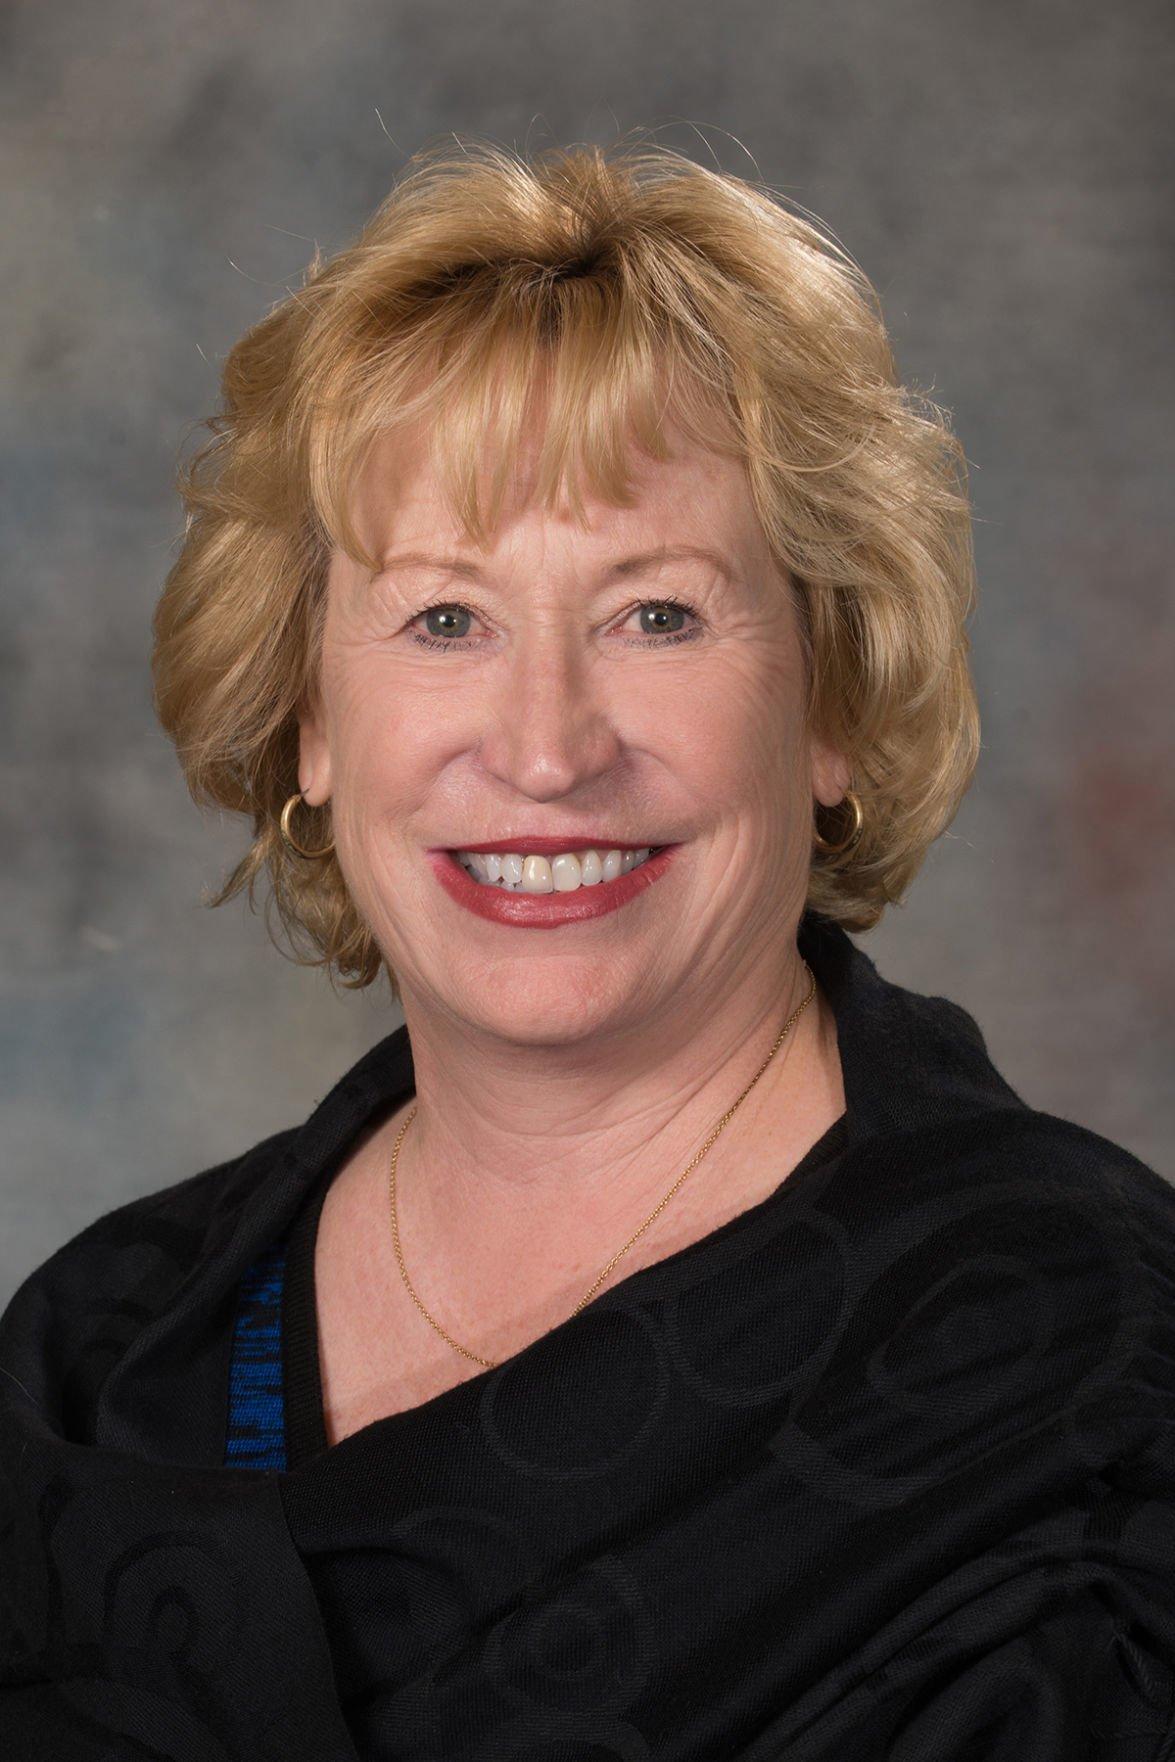 Lou Ann Linehan, Nebraska Legislature